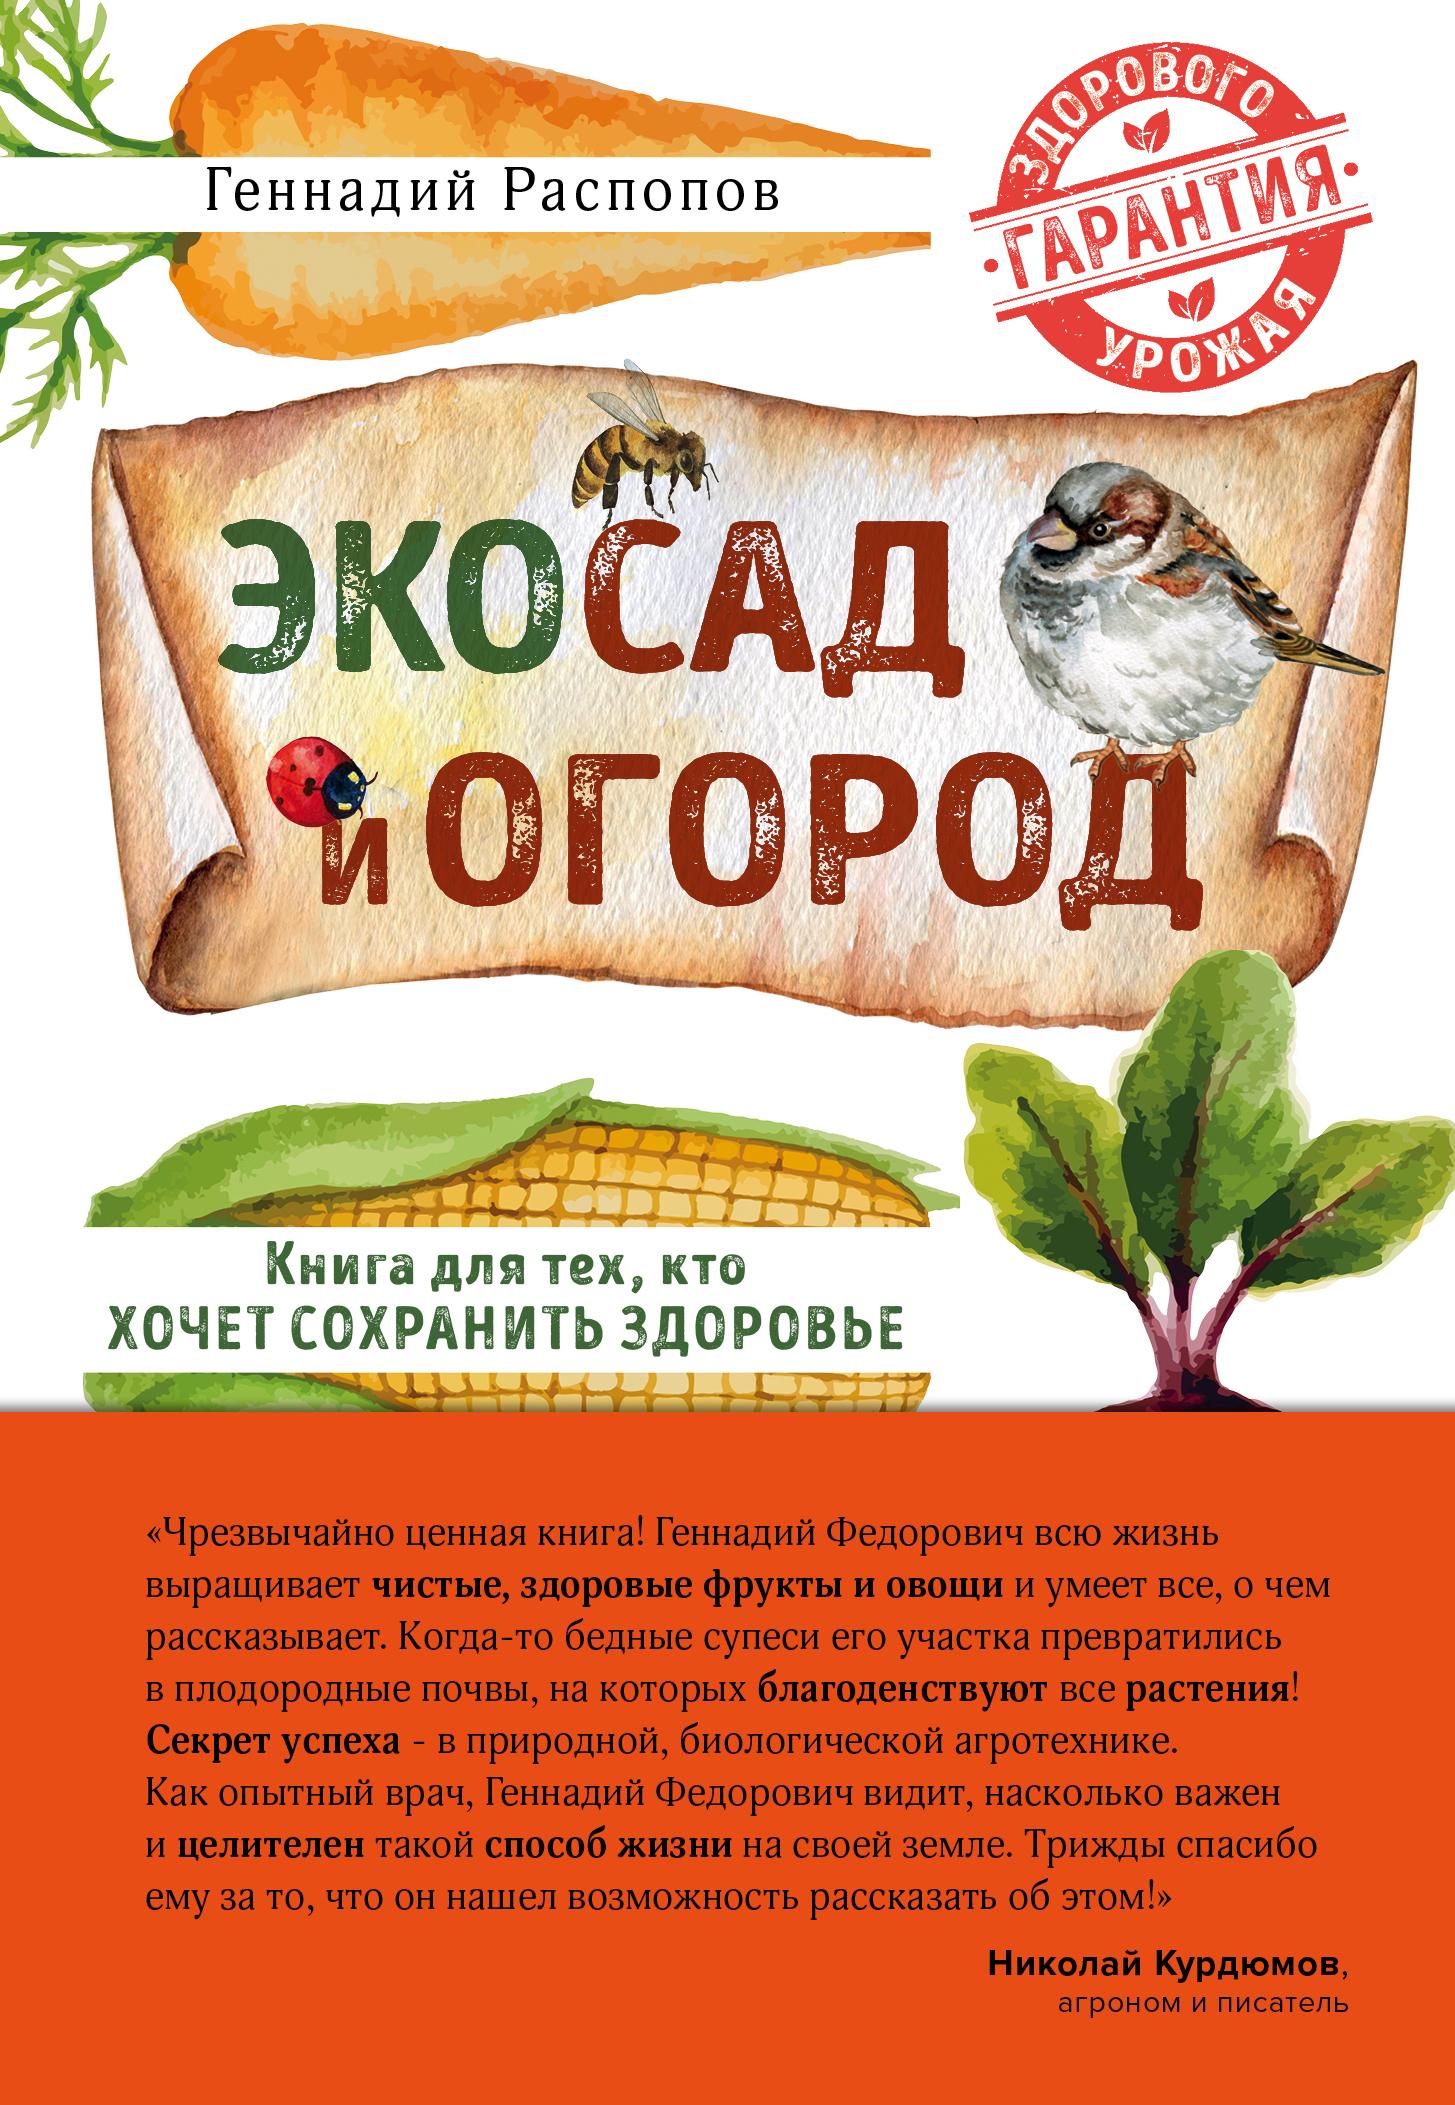 Геннадий Распопов. Эко сад и огород. Книга для тех, кто хочет сохранить здоровье